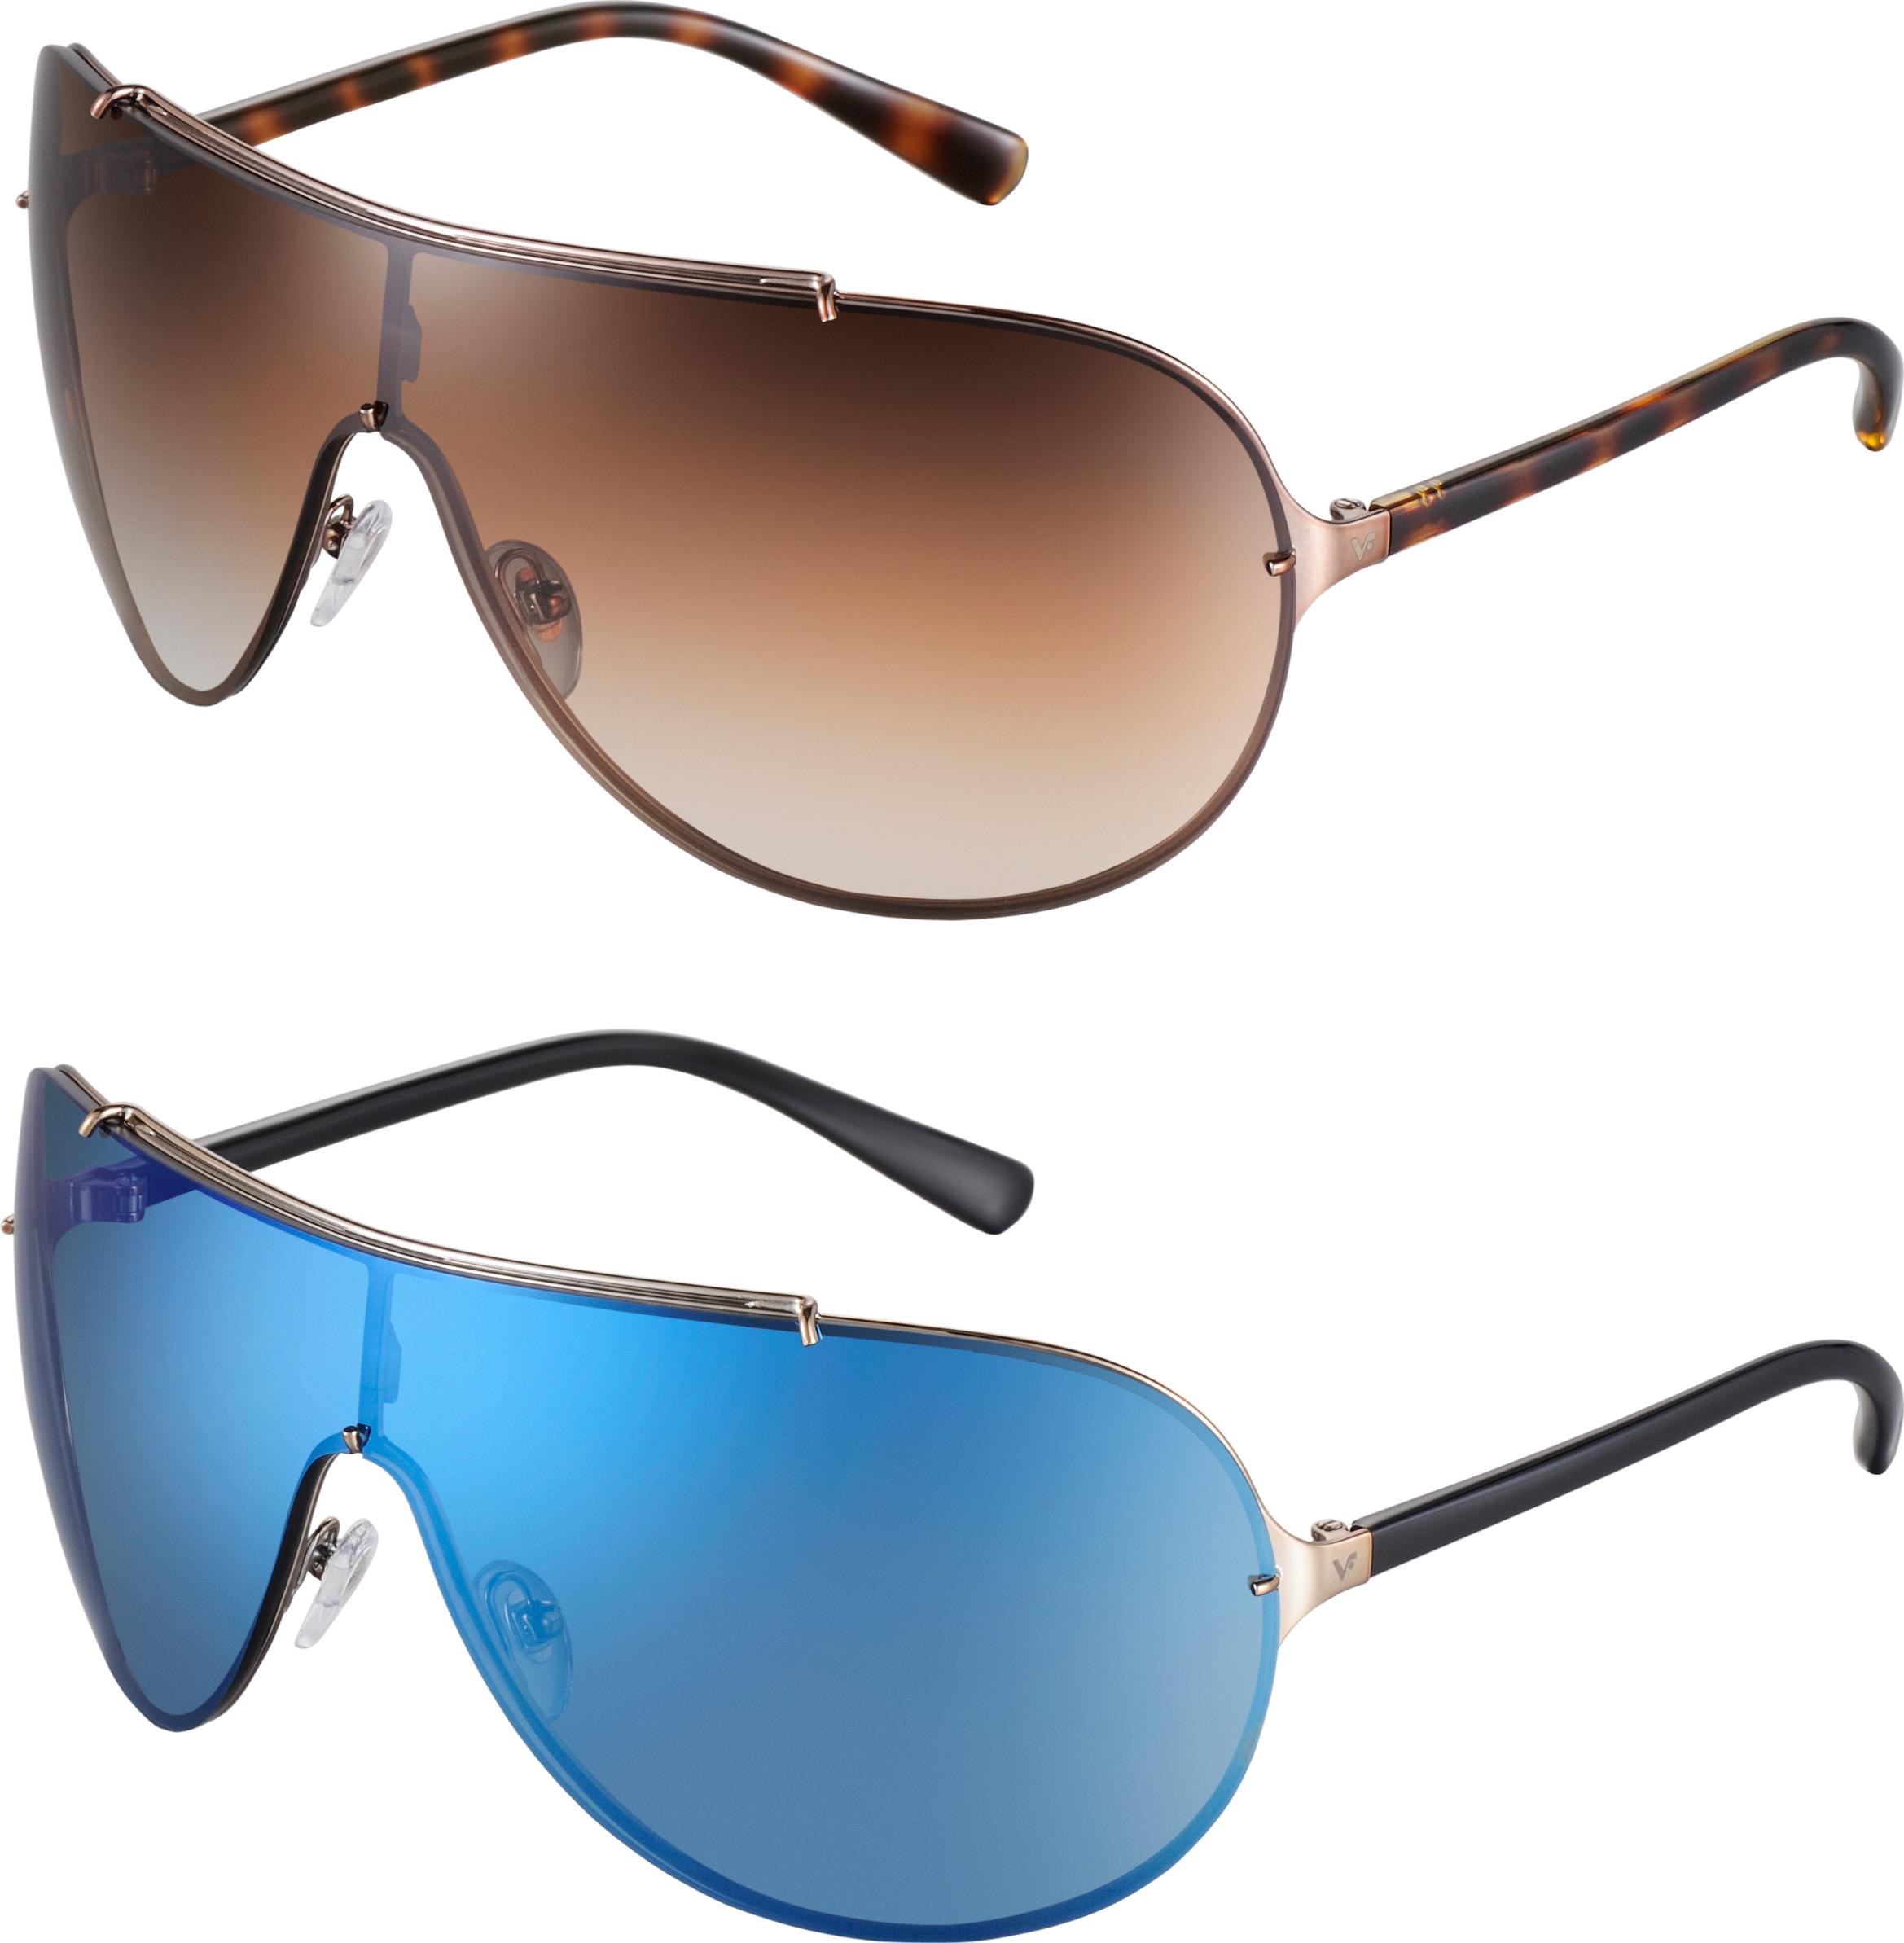 Sunglasses PNG - 4405